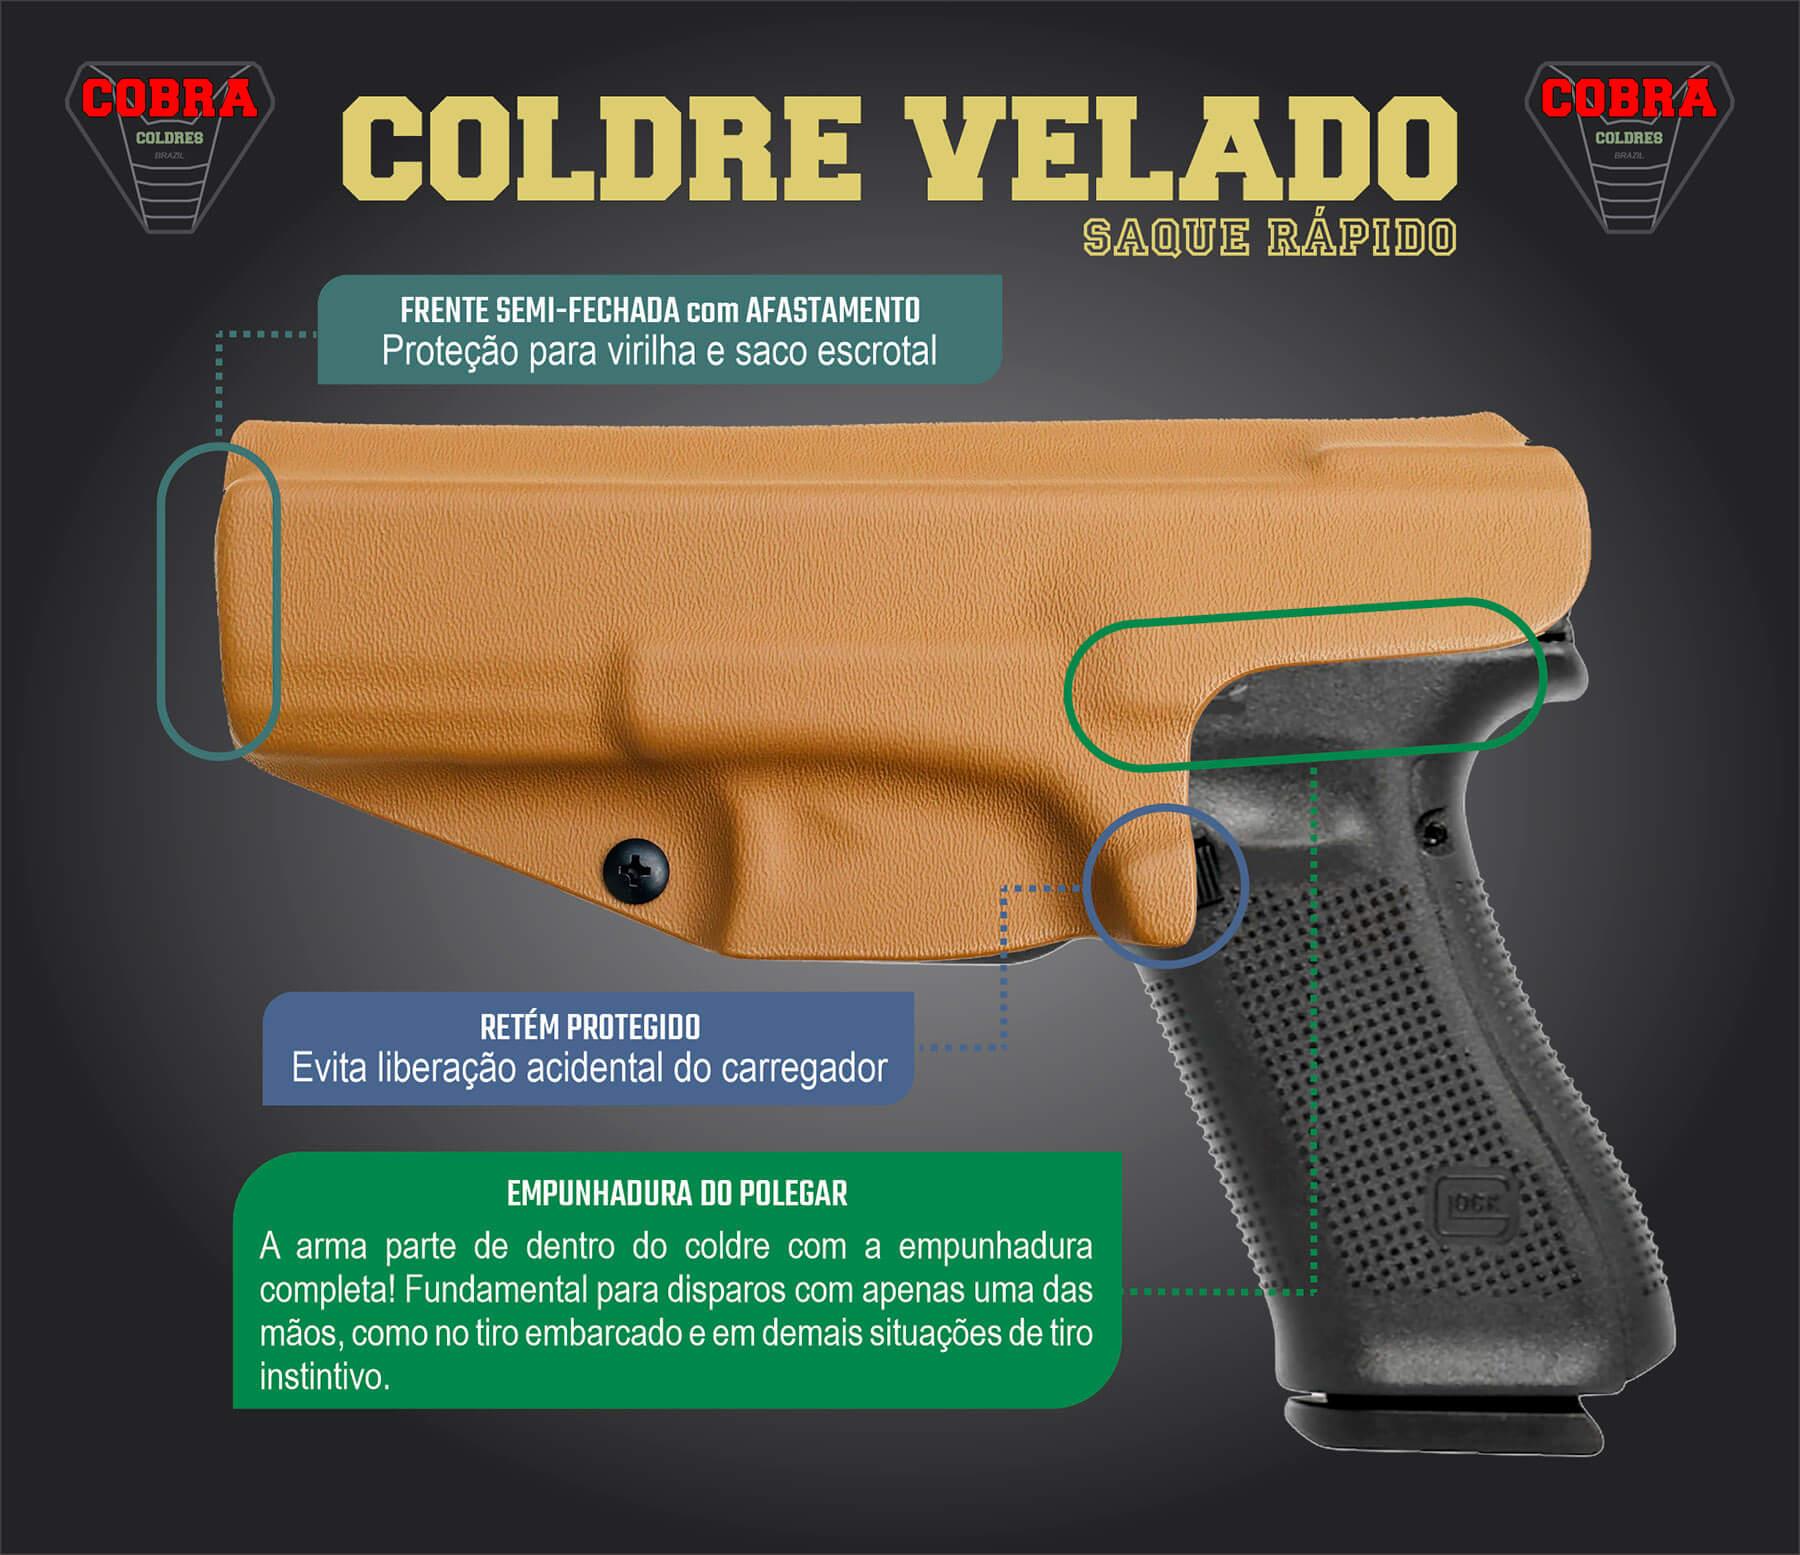 Coldre Kydex Glock [G19] [G19x] [G25] [G23] [G32] [G38] [G45] Saque Rápido Velado Kydex® 080